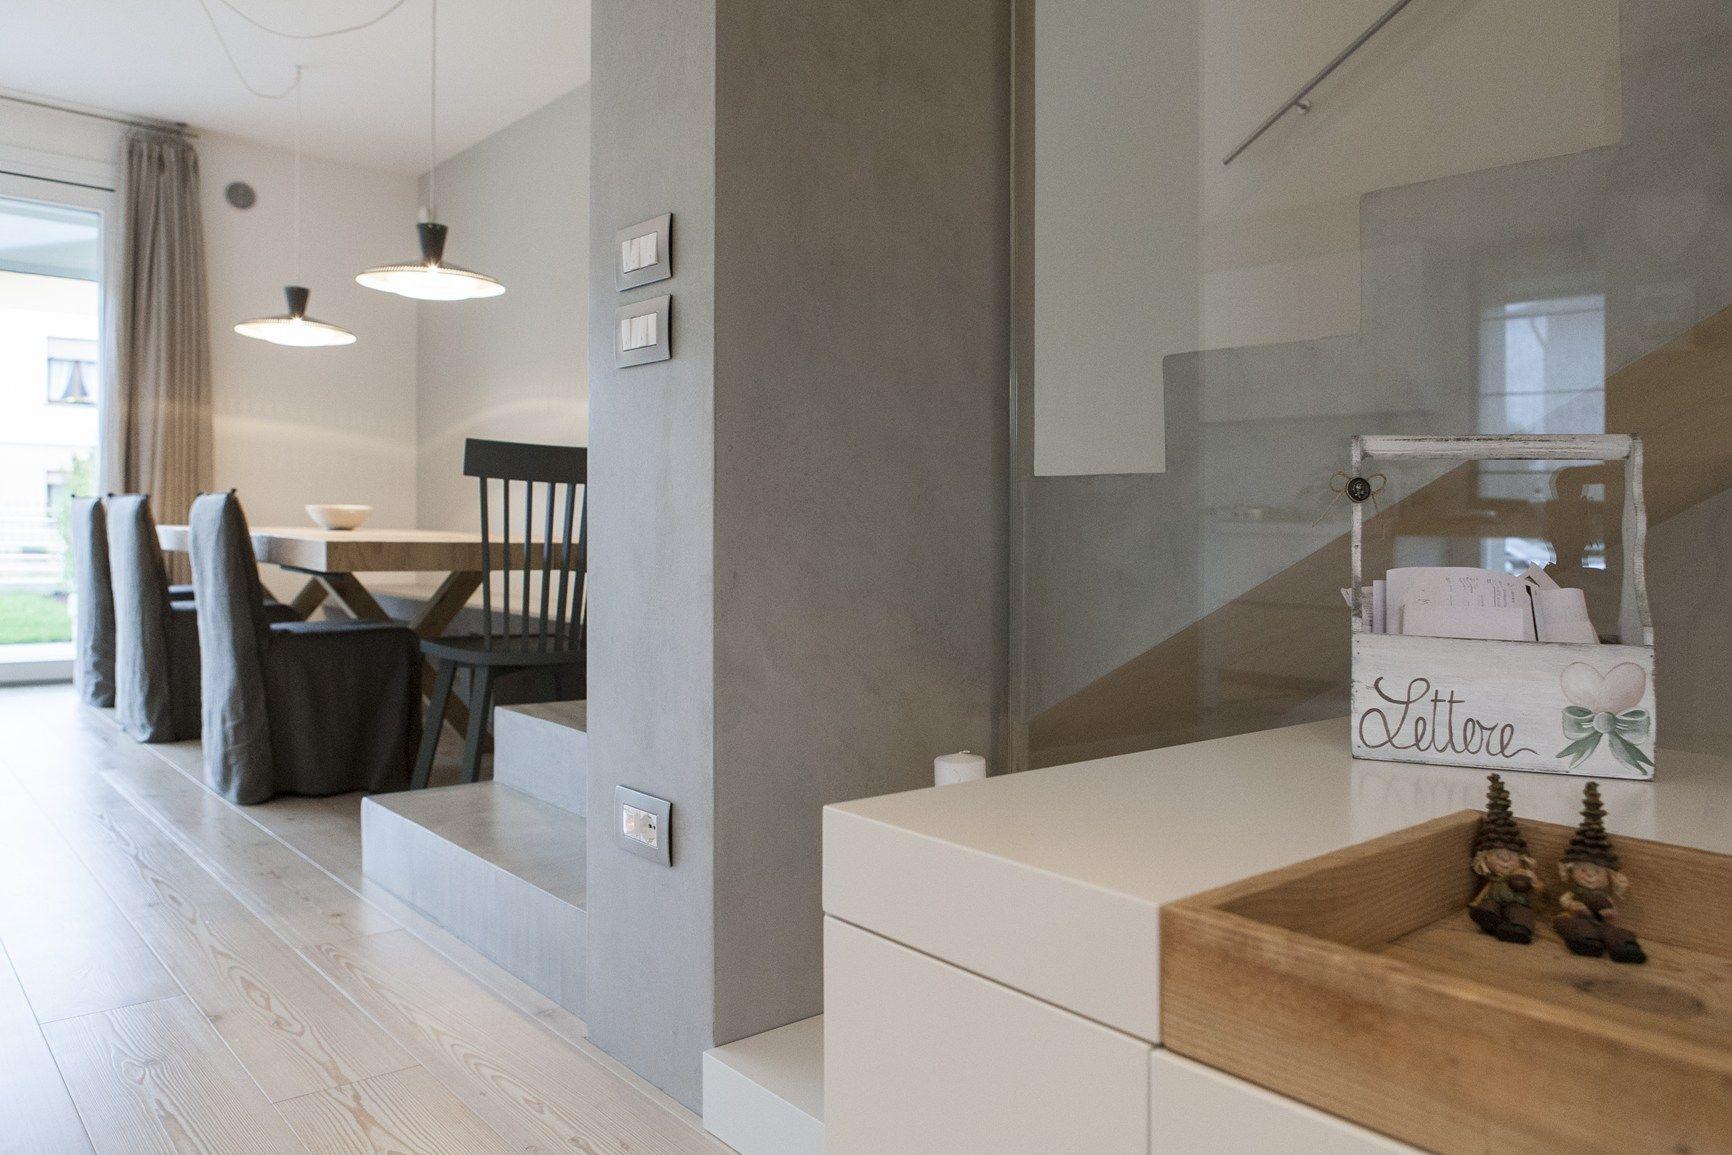 Parete Effetto Cemento Grezzo: Bagno con finiture cemento o effetto cose di casa.